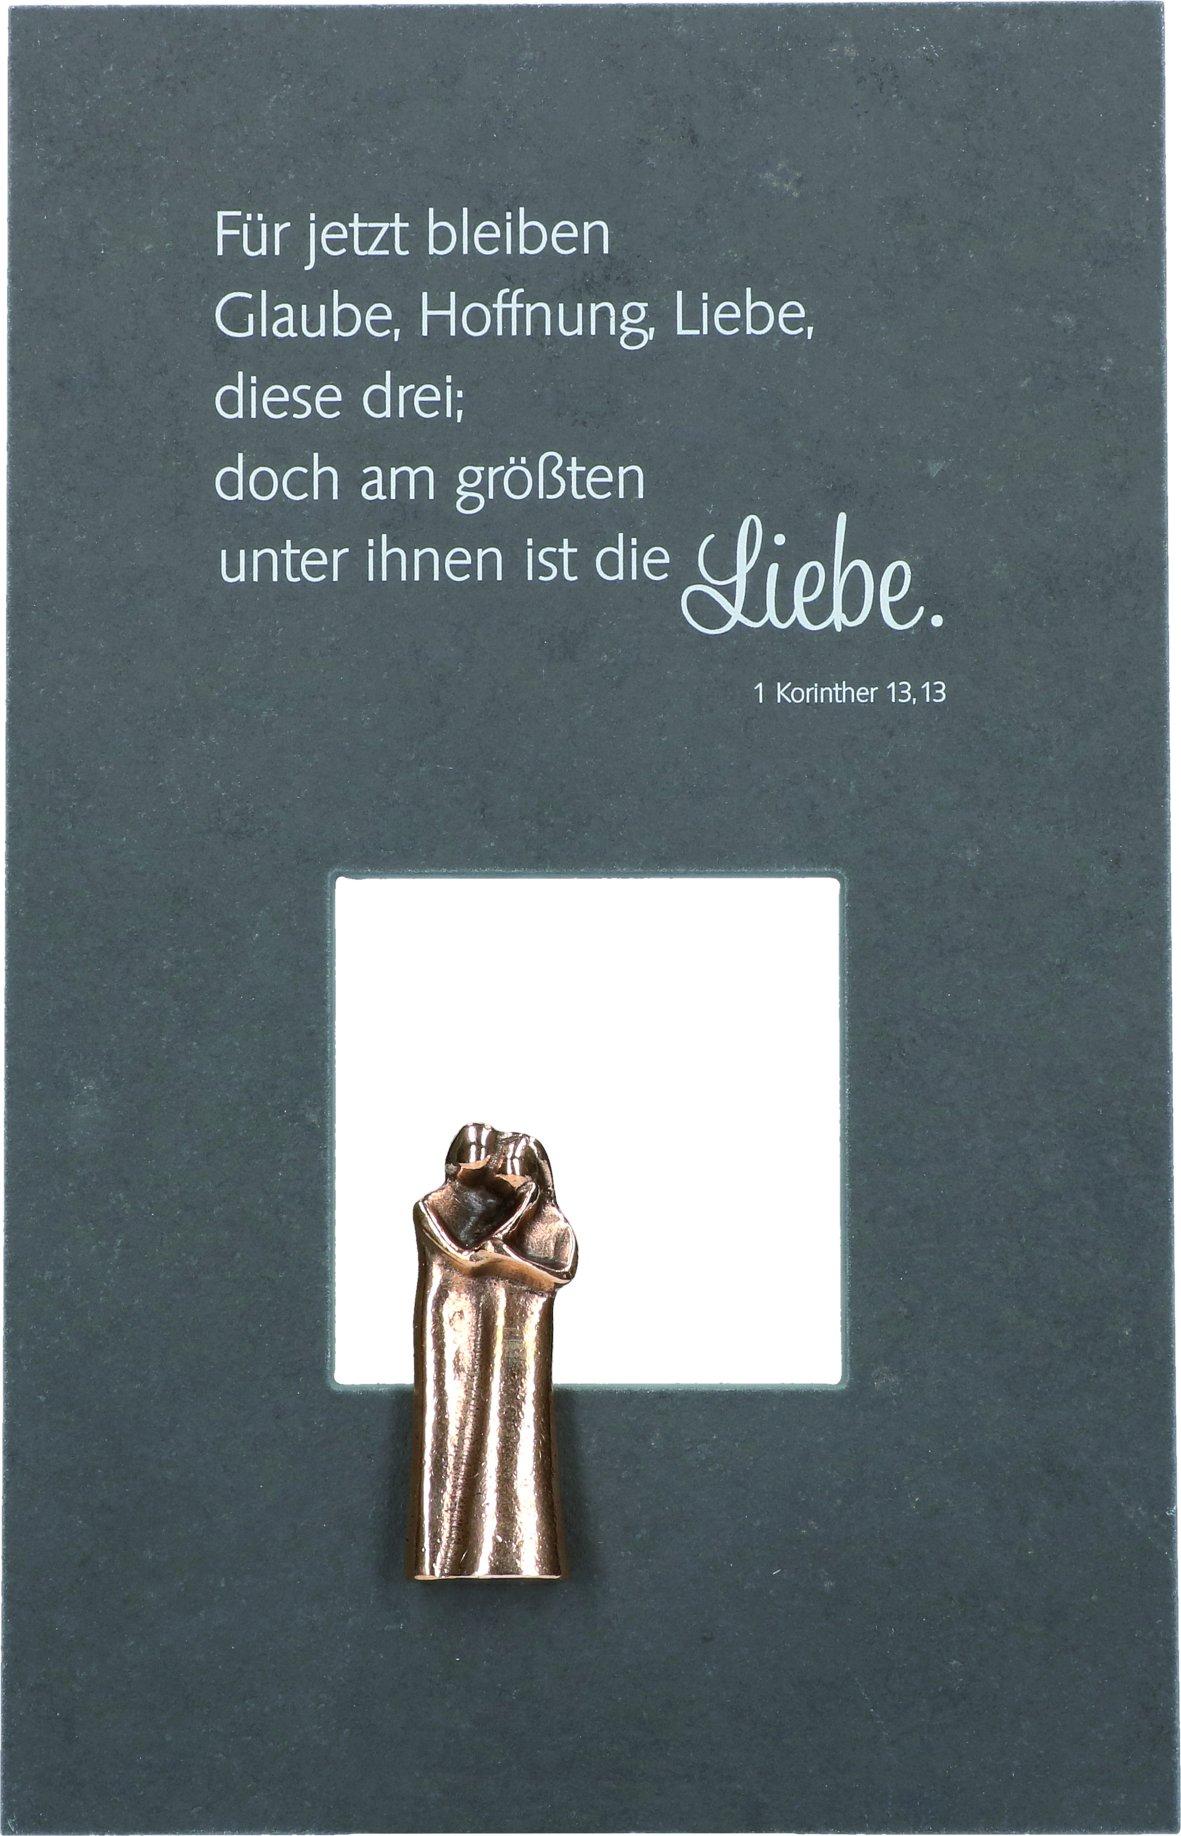 Gemeinsame Wandrelief Hochzeit Glaube Hoffnung Liebe 29 cm Bronzefiguren @KD_67